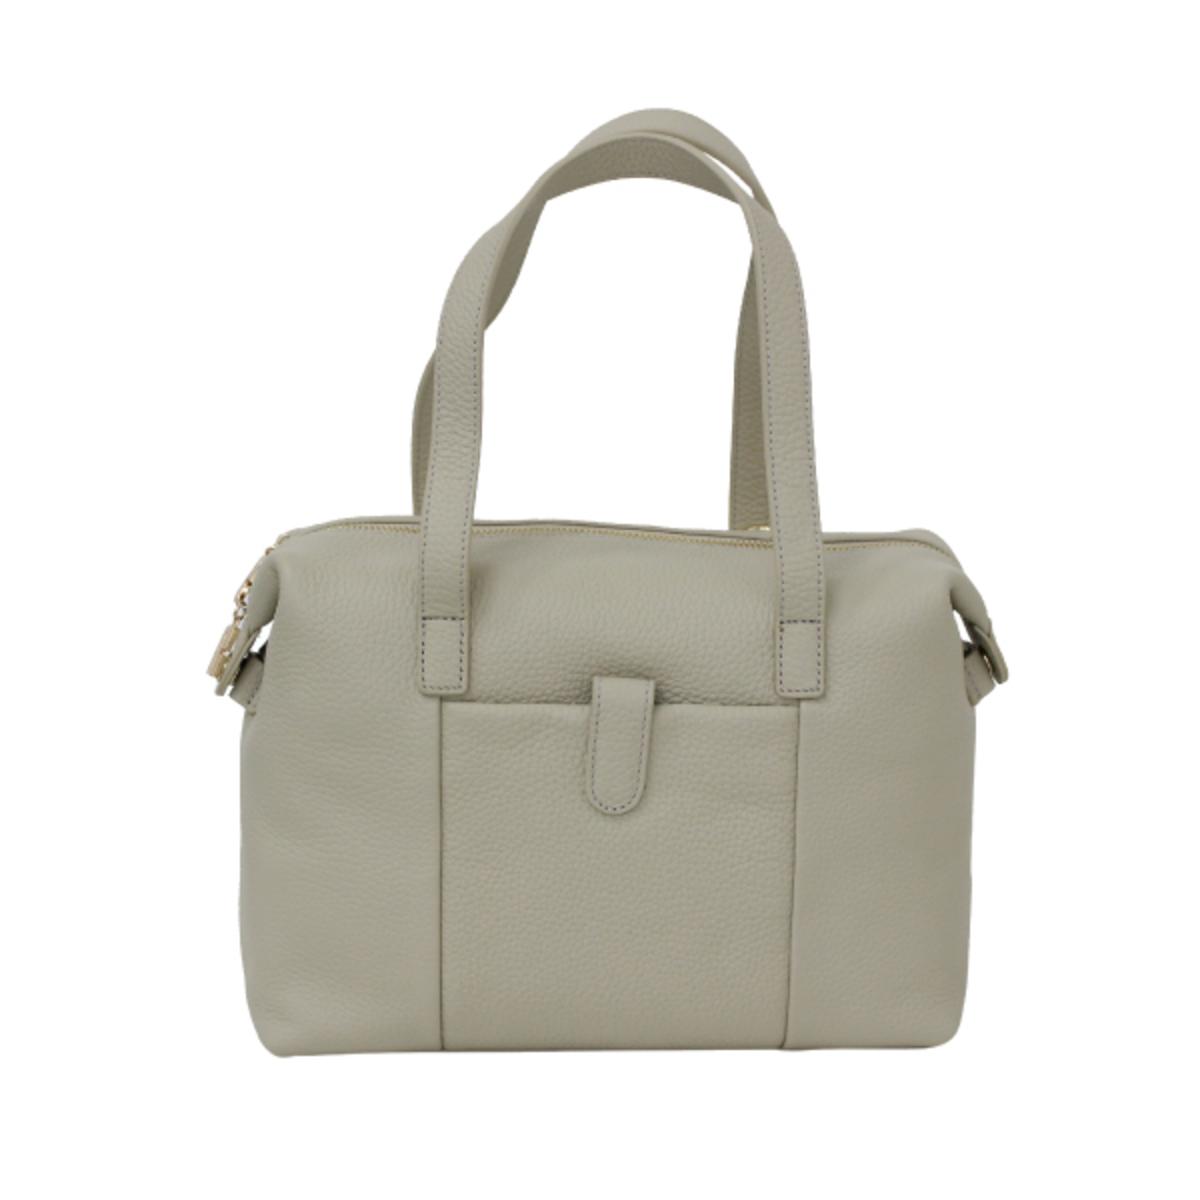 0884f497c3 Corroco Leather Boston Bag